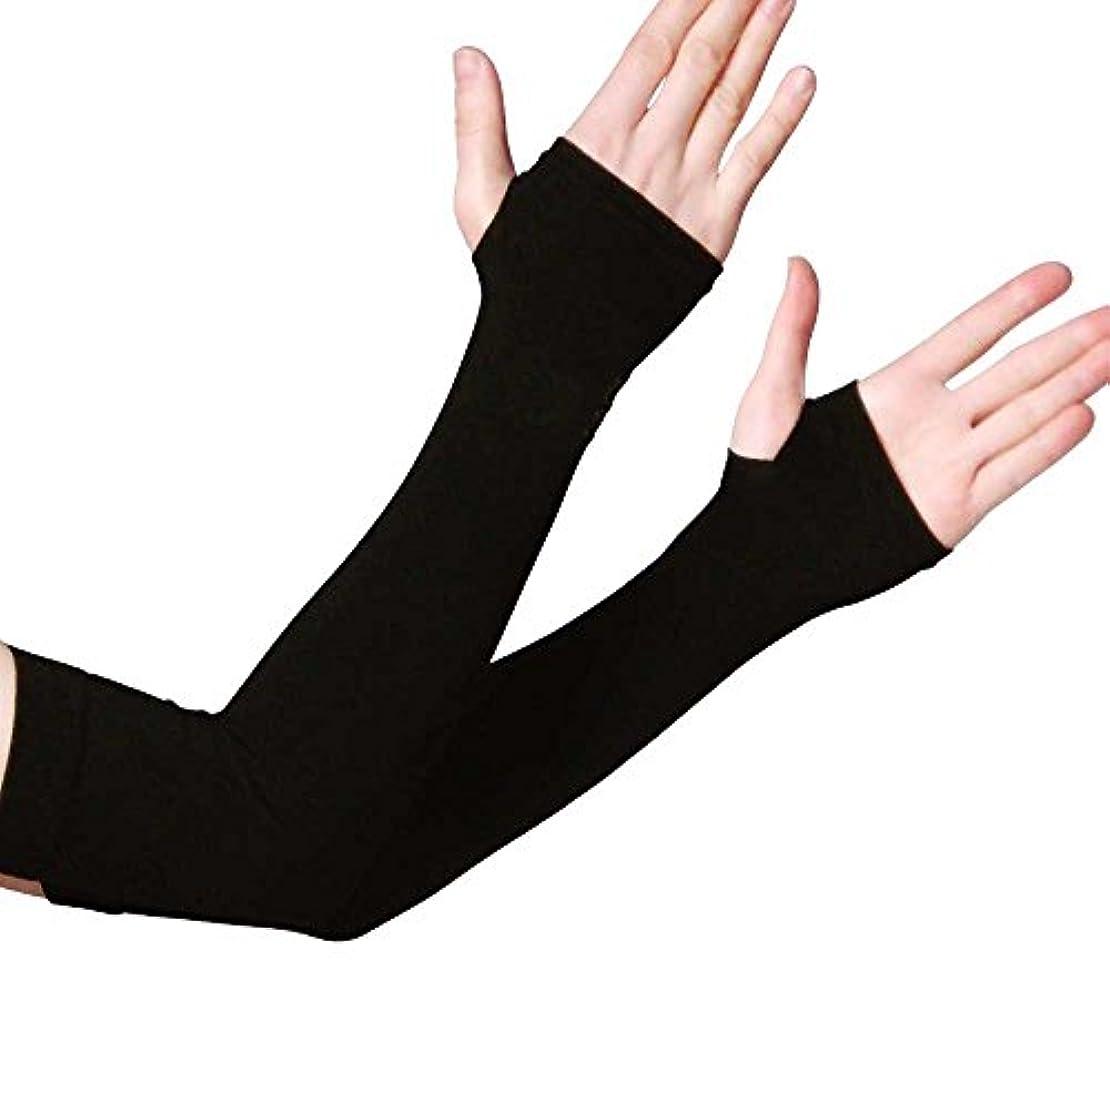 ずるい抜け目のないポゴスティックジャンプ涼感UVカット アームカバー 紫外線対策 99%カット 日焼け止め 紫外線ダメージ お肌 ガード 定番ブラック 涼感タイプアームカバー (ブラック)